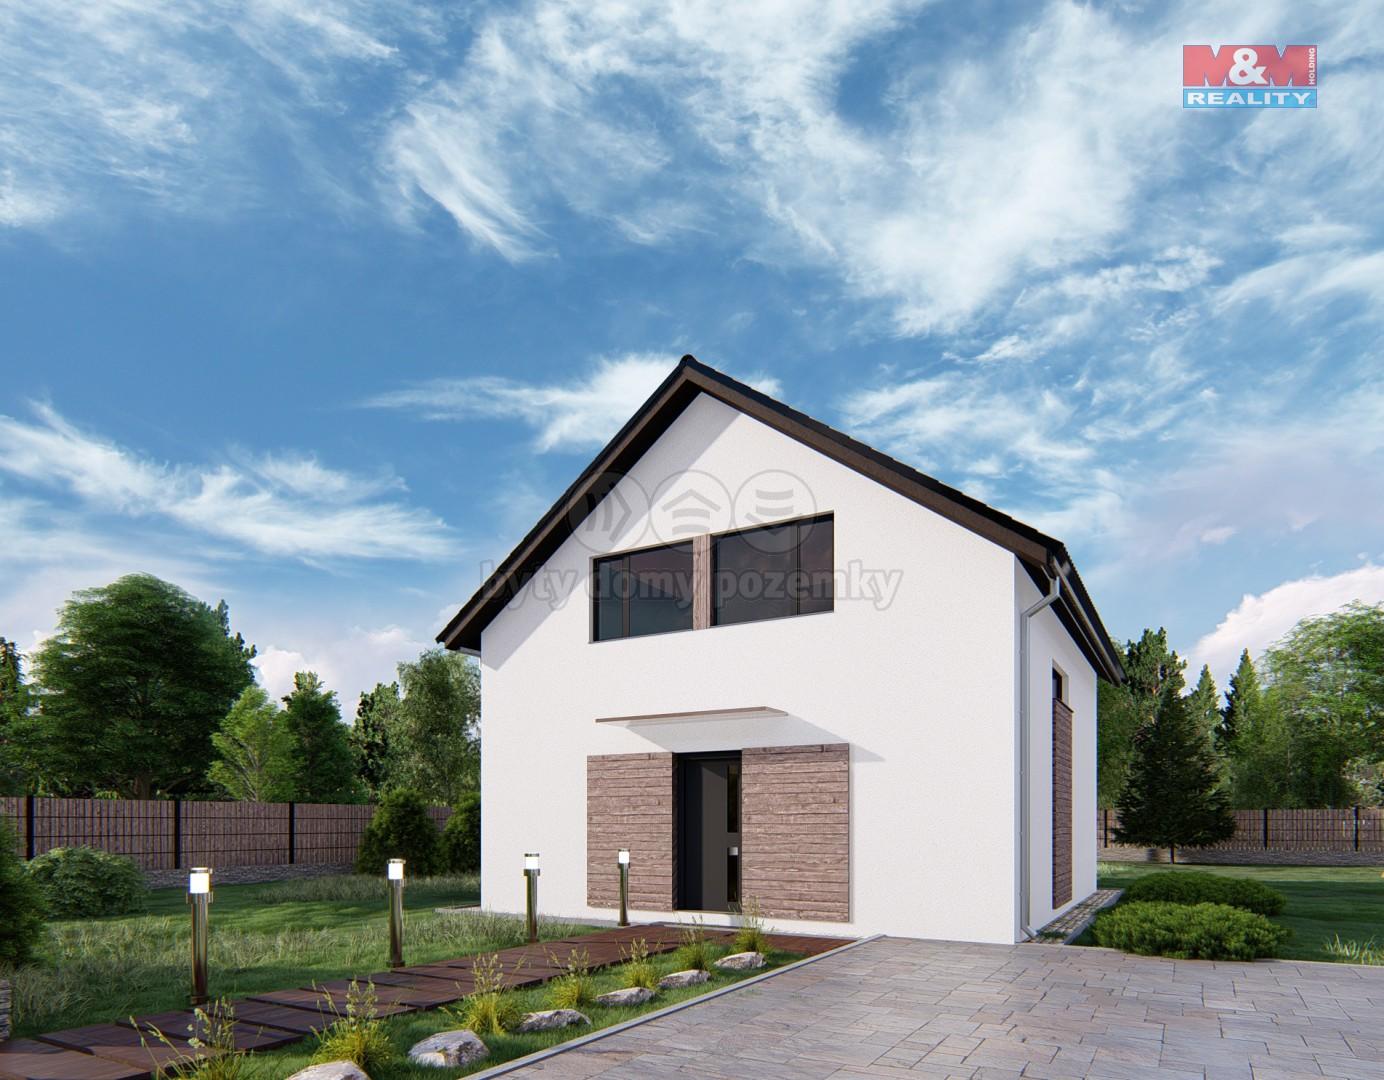 Prodej, rodinný dům, 117 m2, Teplička